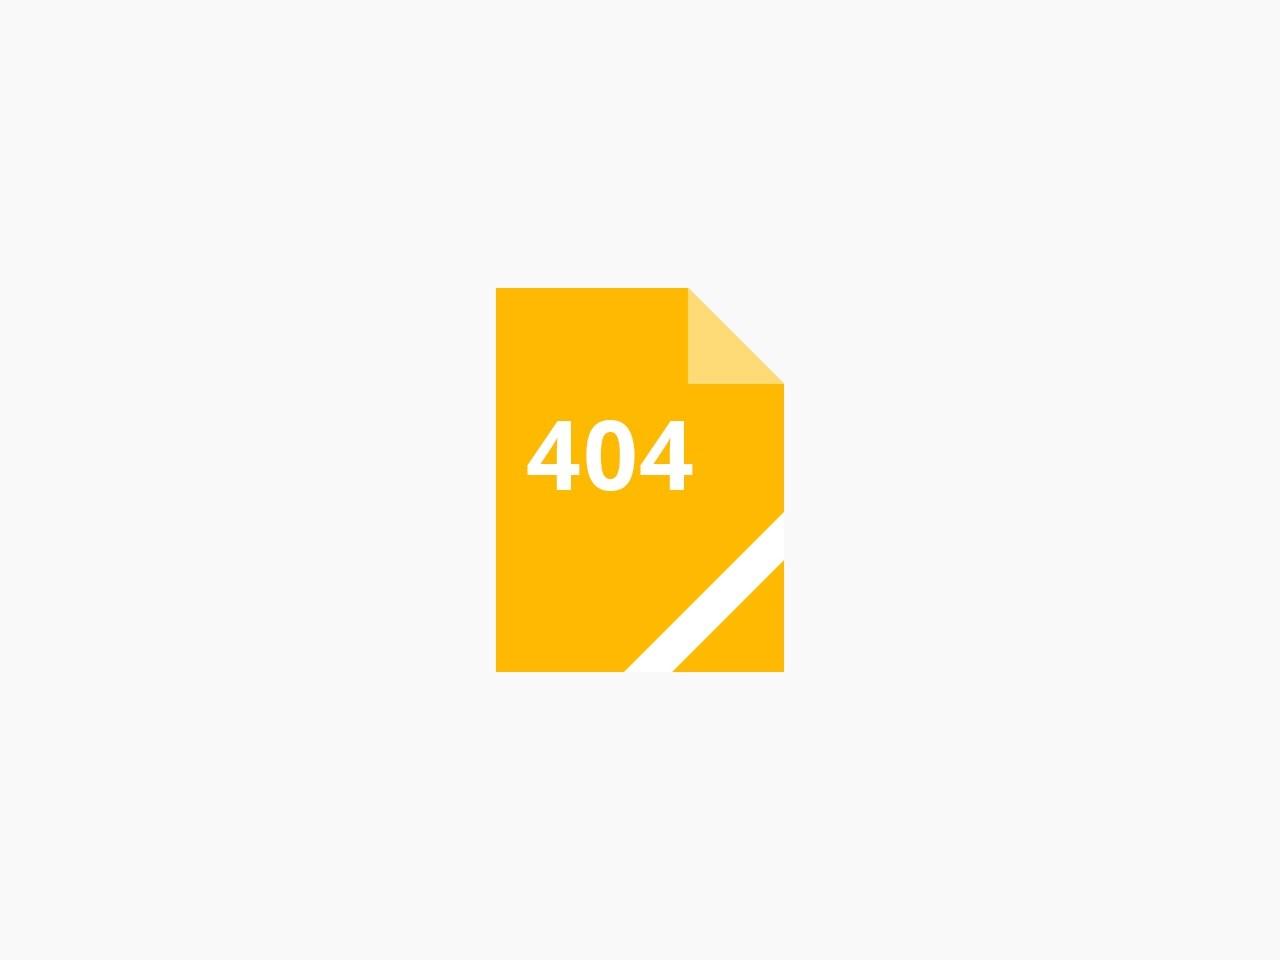 摩登时代家具网